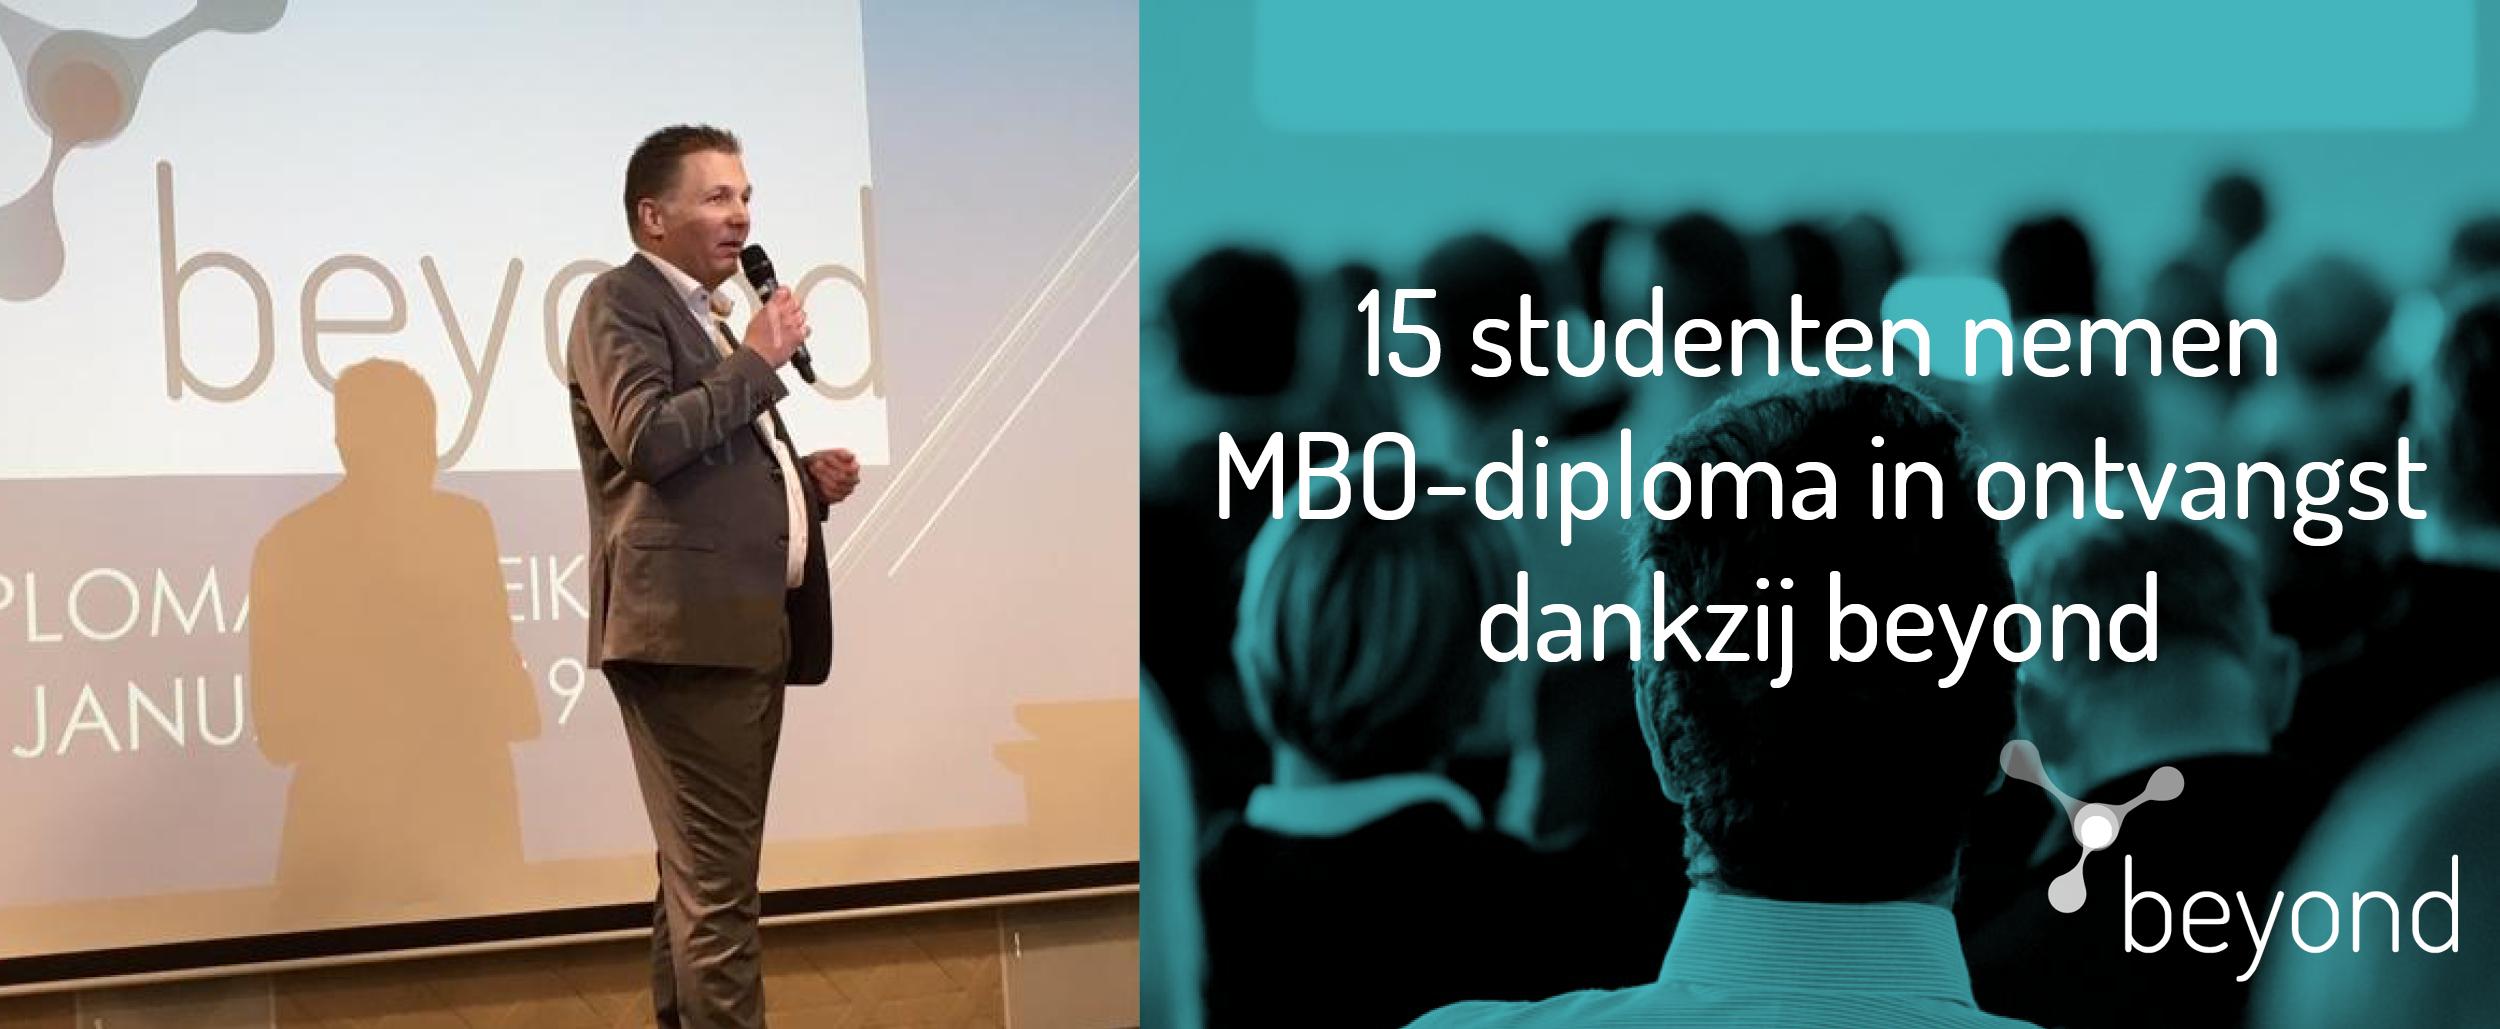 MBO-diploma